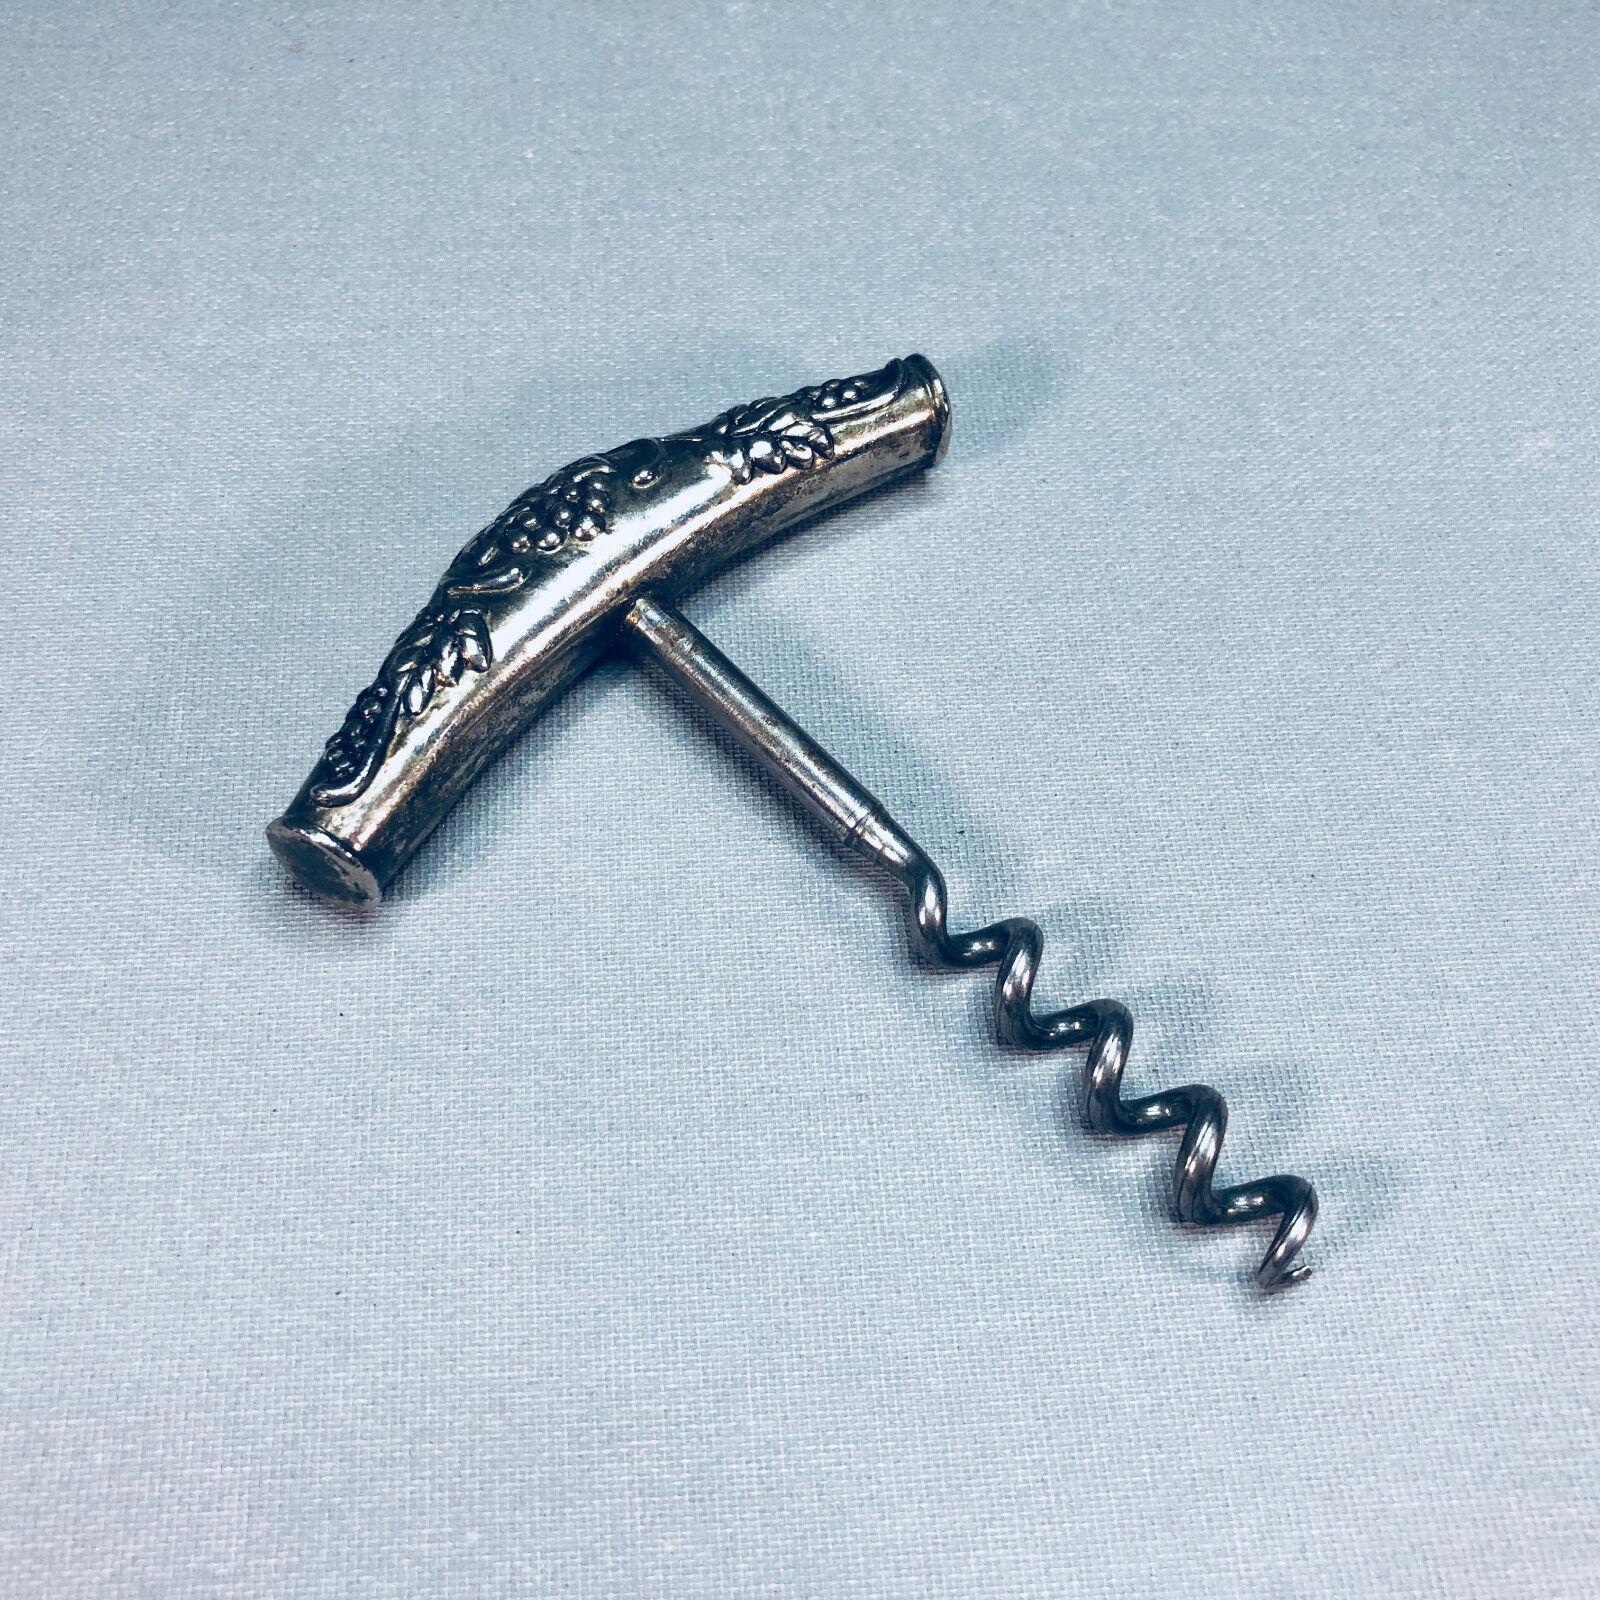 Argenté-TIRE-BOUCHON-CORKSCREW - Bouchons Gratter-B  env. 7,8 cm